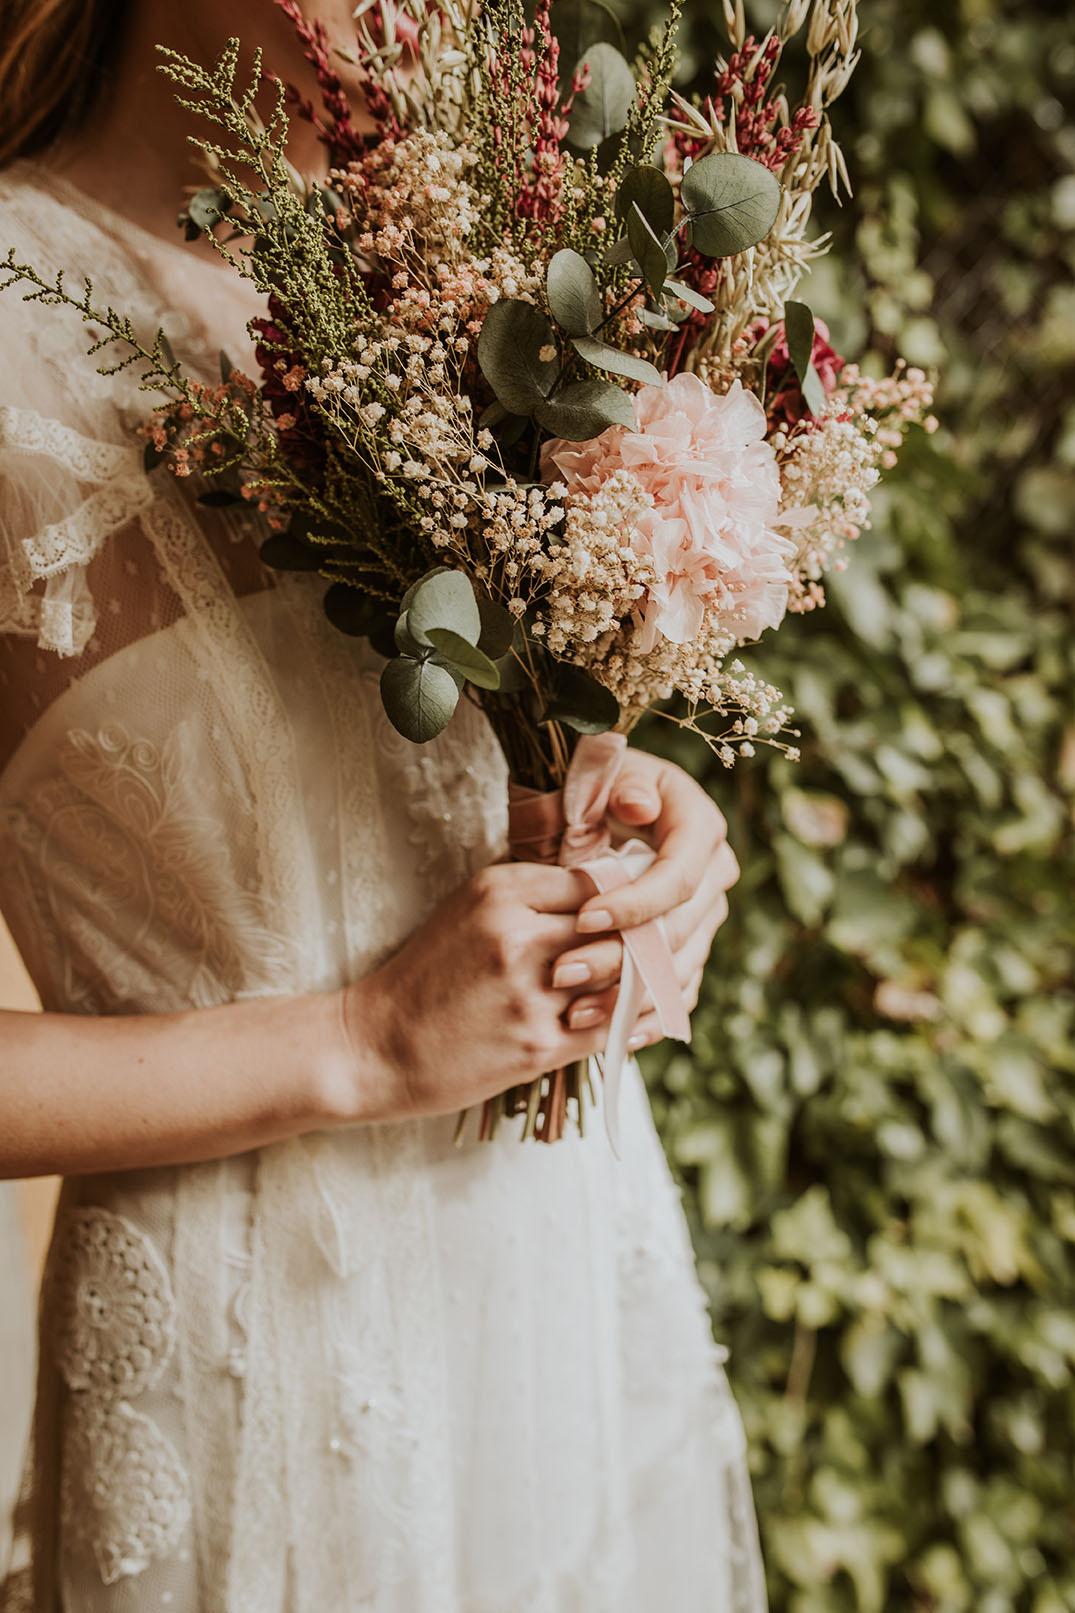 Ramo silvestre alargado preservado novias